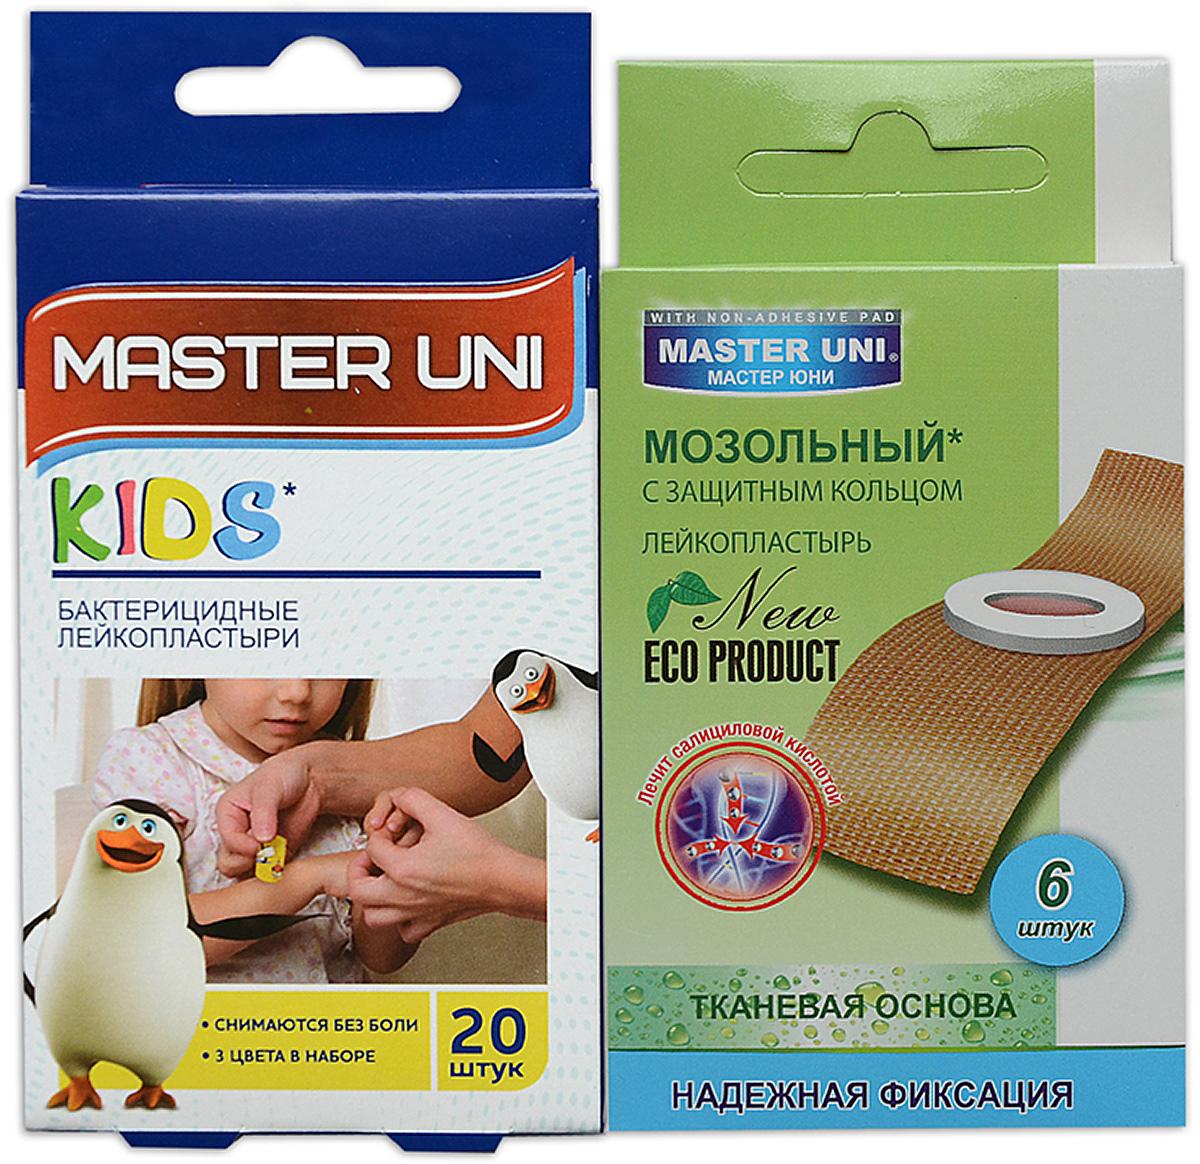 Master Uni MIX KIDS набор лейкопластырей, 20+6шт17024МMIX KIDS - состоит из двух видов лейкопластырей - бактерицидного и от сухих мозолей. Набор бактерицидных лейкопластырей на полимерной основе с рисунками надежно защищают ранку от попадания загрязнений. Эффективен при ссадинах, порезах и мелких повреждениях кожи. Прозрачная влагостойкая основа с веселыми рисунками для увлекательного лечения раны надежно фиксируется на коже, повторяя изгибы тела, абсорбирующая подушечка моментально всасывает раневые выделения, имеет дополнительную защиту от грязи и микробов со всех сторон, покрыта бактерицидной атравматической сеткой, которая не прилипает к ране. Сторона пластыря, контактирующая с кожей, не содержит красителей, кожа остается чистой. Антисептик: бензалкония хлорид, эффективно дезинфицирует и способствует быстрому заживлению раны без образования рубцов. Мозольный пластырь - эффективное средство для удаления ороговевшей кожи любой части стопы. Пластырь на тканевой основе надежно фиксируется на ноге и принимает нужную форму при ходьбе. Мягкое защитное кольцо пластыря предохраняет здоровую кожу от контакта с лечебным веществом - салициловой кислотой, которая безболезненно удаляет ороговевшую кожу с Ваших ступней и пальцев ног. Противопоказания: индивидуальная непереносимость, повреждения кожи, кожные заболевания. Master Uni MIX KIDS - Мягкая и нежная кожа Ваших ног! В наборе: размеры 56х19 мм - 20шт,3 цвета в наборе , пластырь мозольный 65х20 мм - 6шт. Master Uni MIX KIDS - отличное решение для всей семьи!